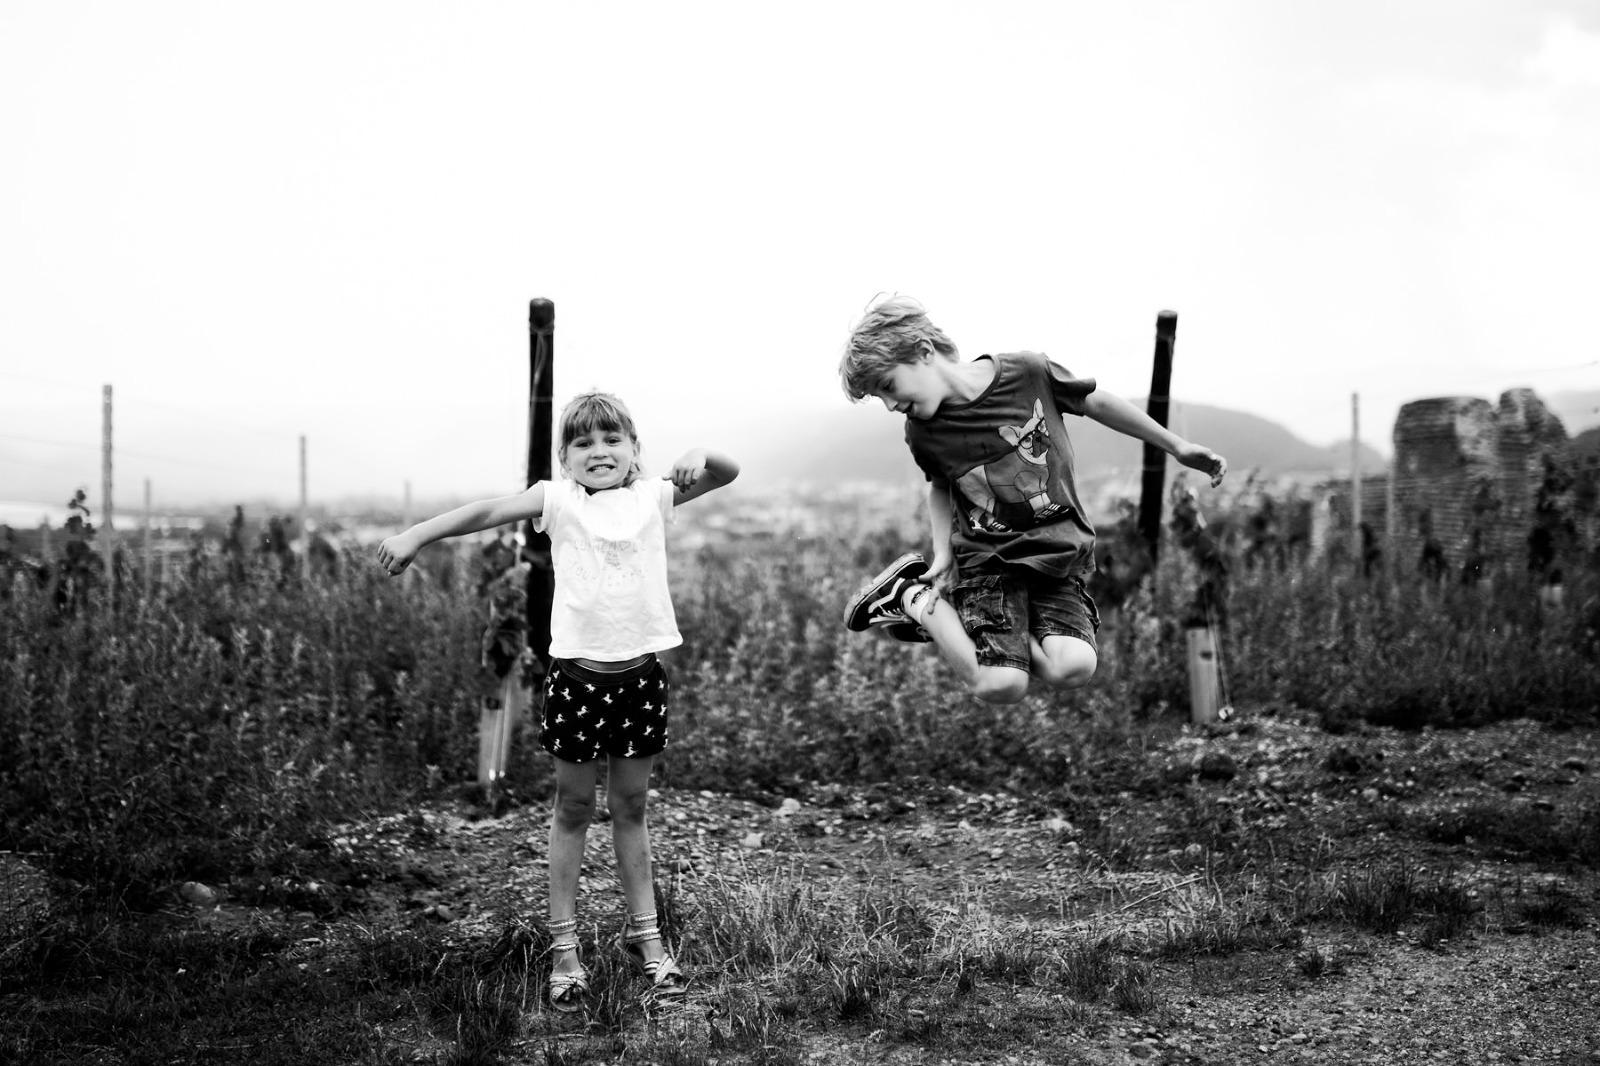 enfant-saut-joie